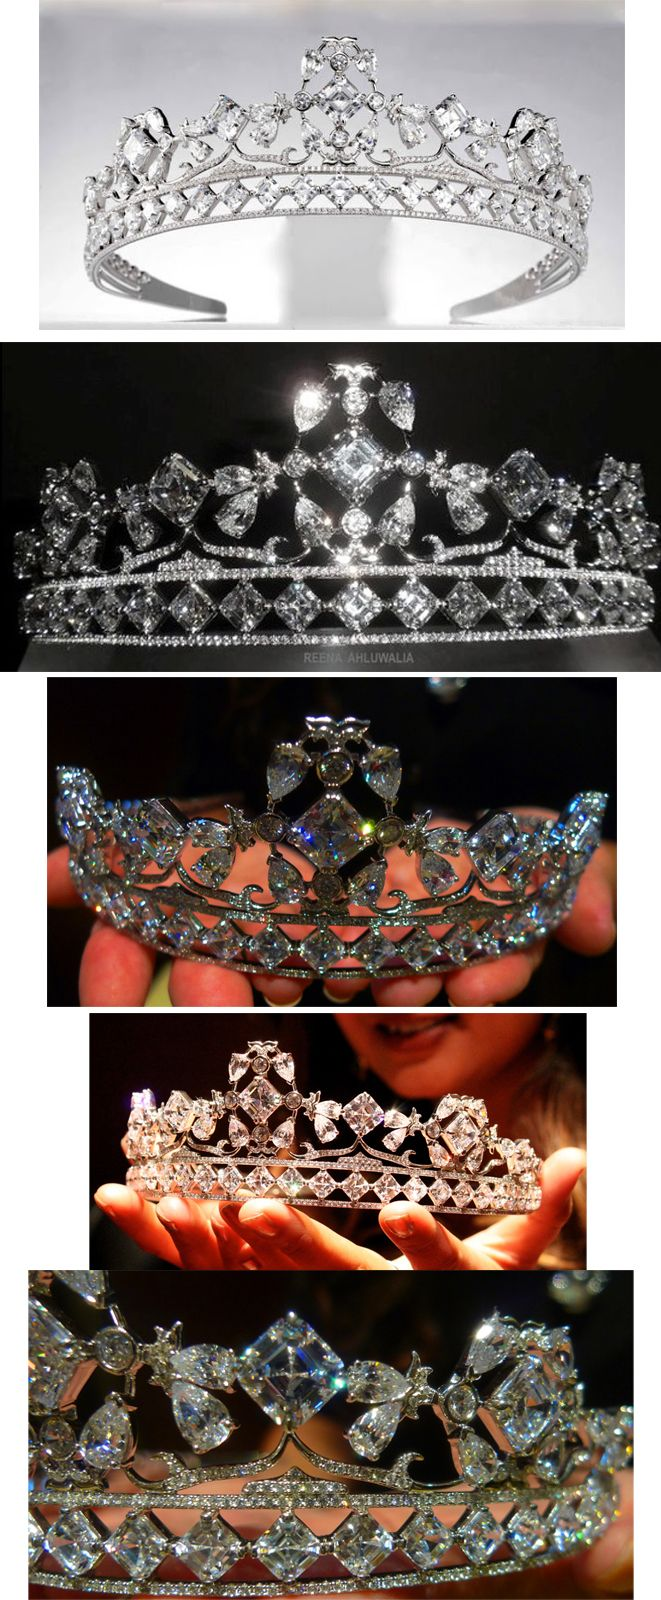 La tiara Royal Asscher diseñada por Reena Ahluwalia para Royal Asscher para la boda de Guillermo del Reino Unido y Kate Middleton. Con diamantes por un total de 85 k., el del centro es de 10 k. Esta tiara fue una de las que Kate Middleton, ahora duquesa de Cambridge, pensó utilizar en su boda con el príncipe Guillermo.